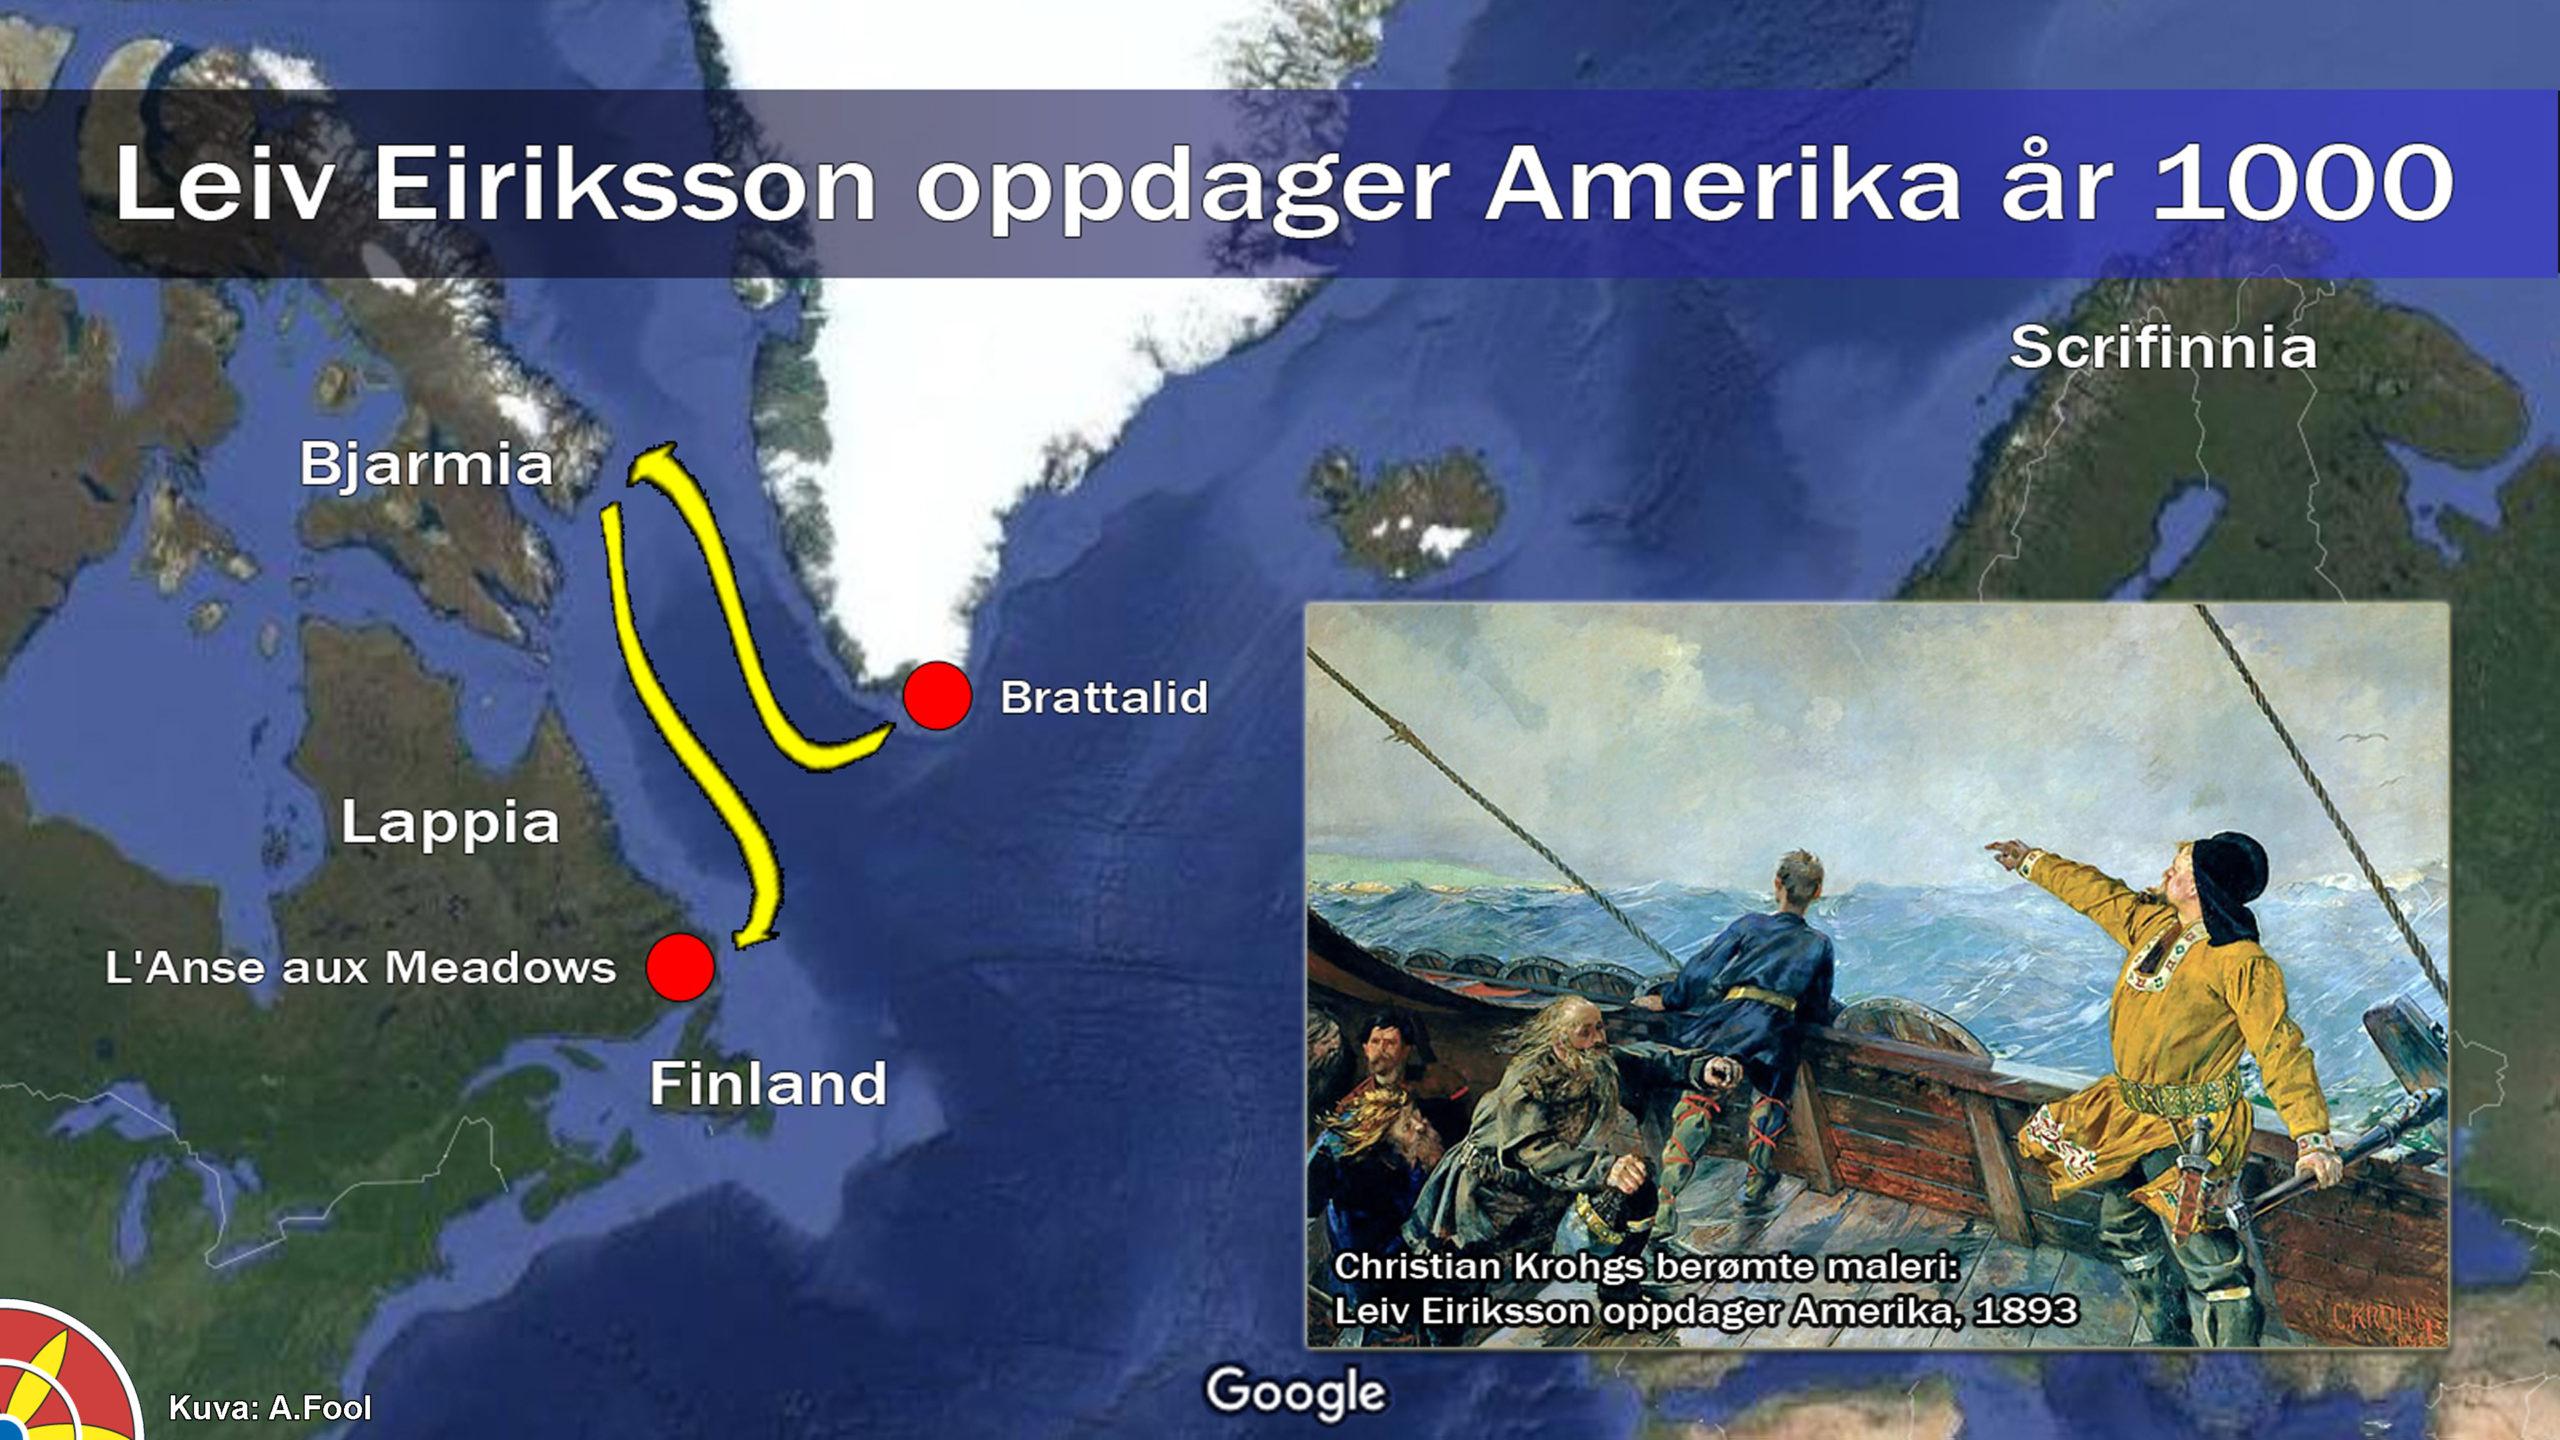 Leiv Eiriksson oppdager Amerika